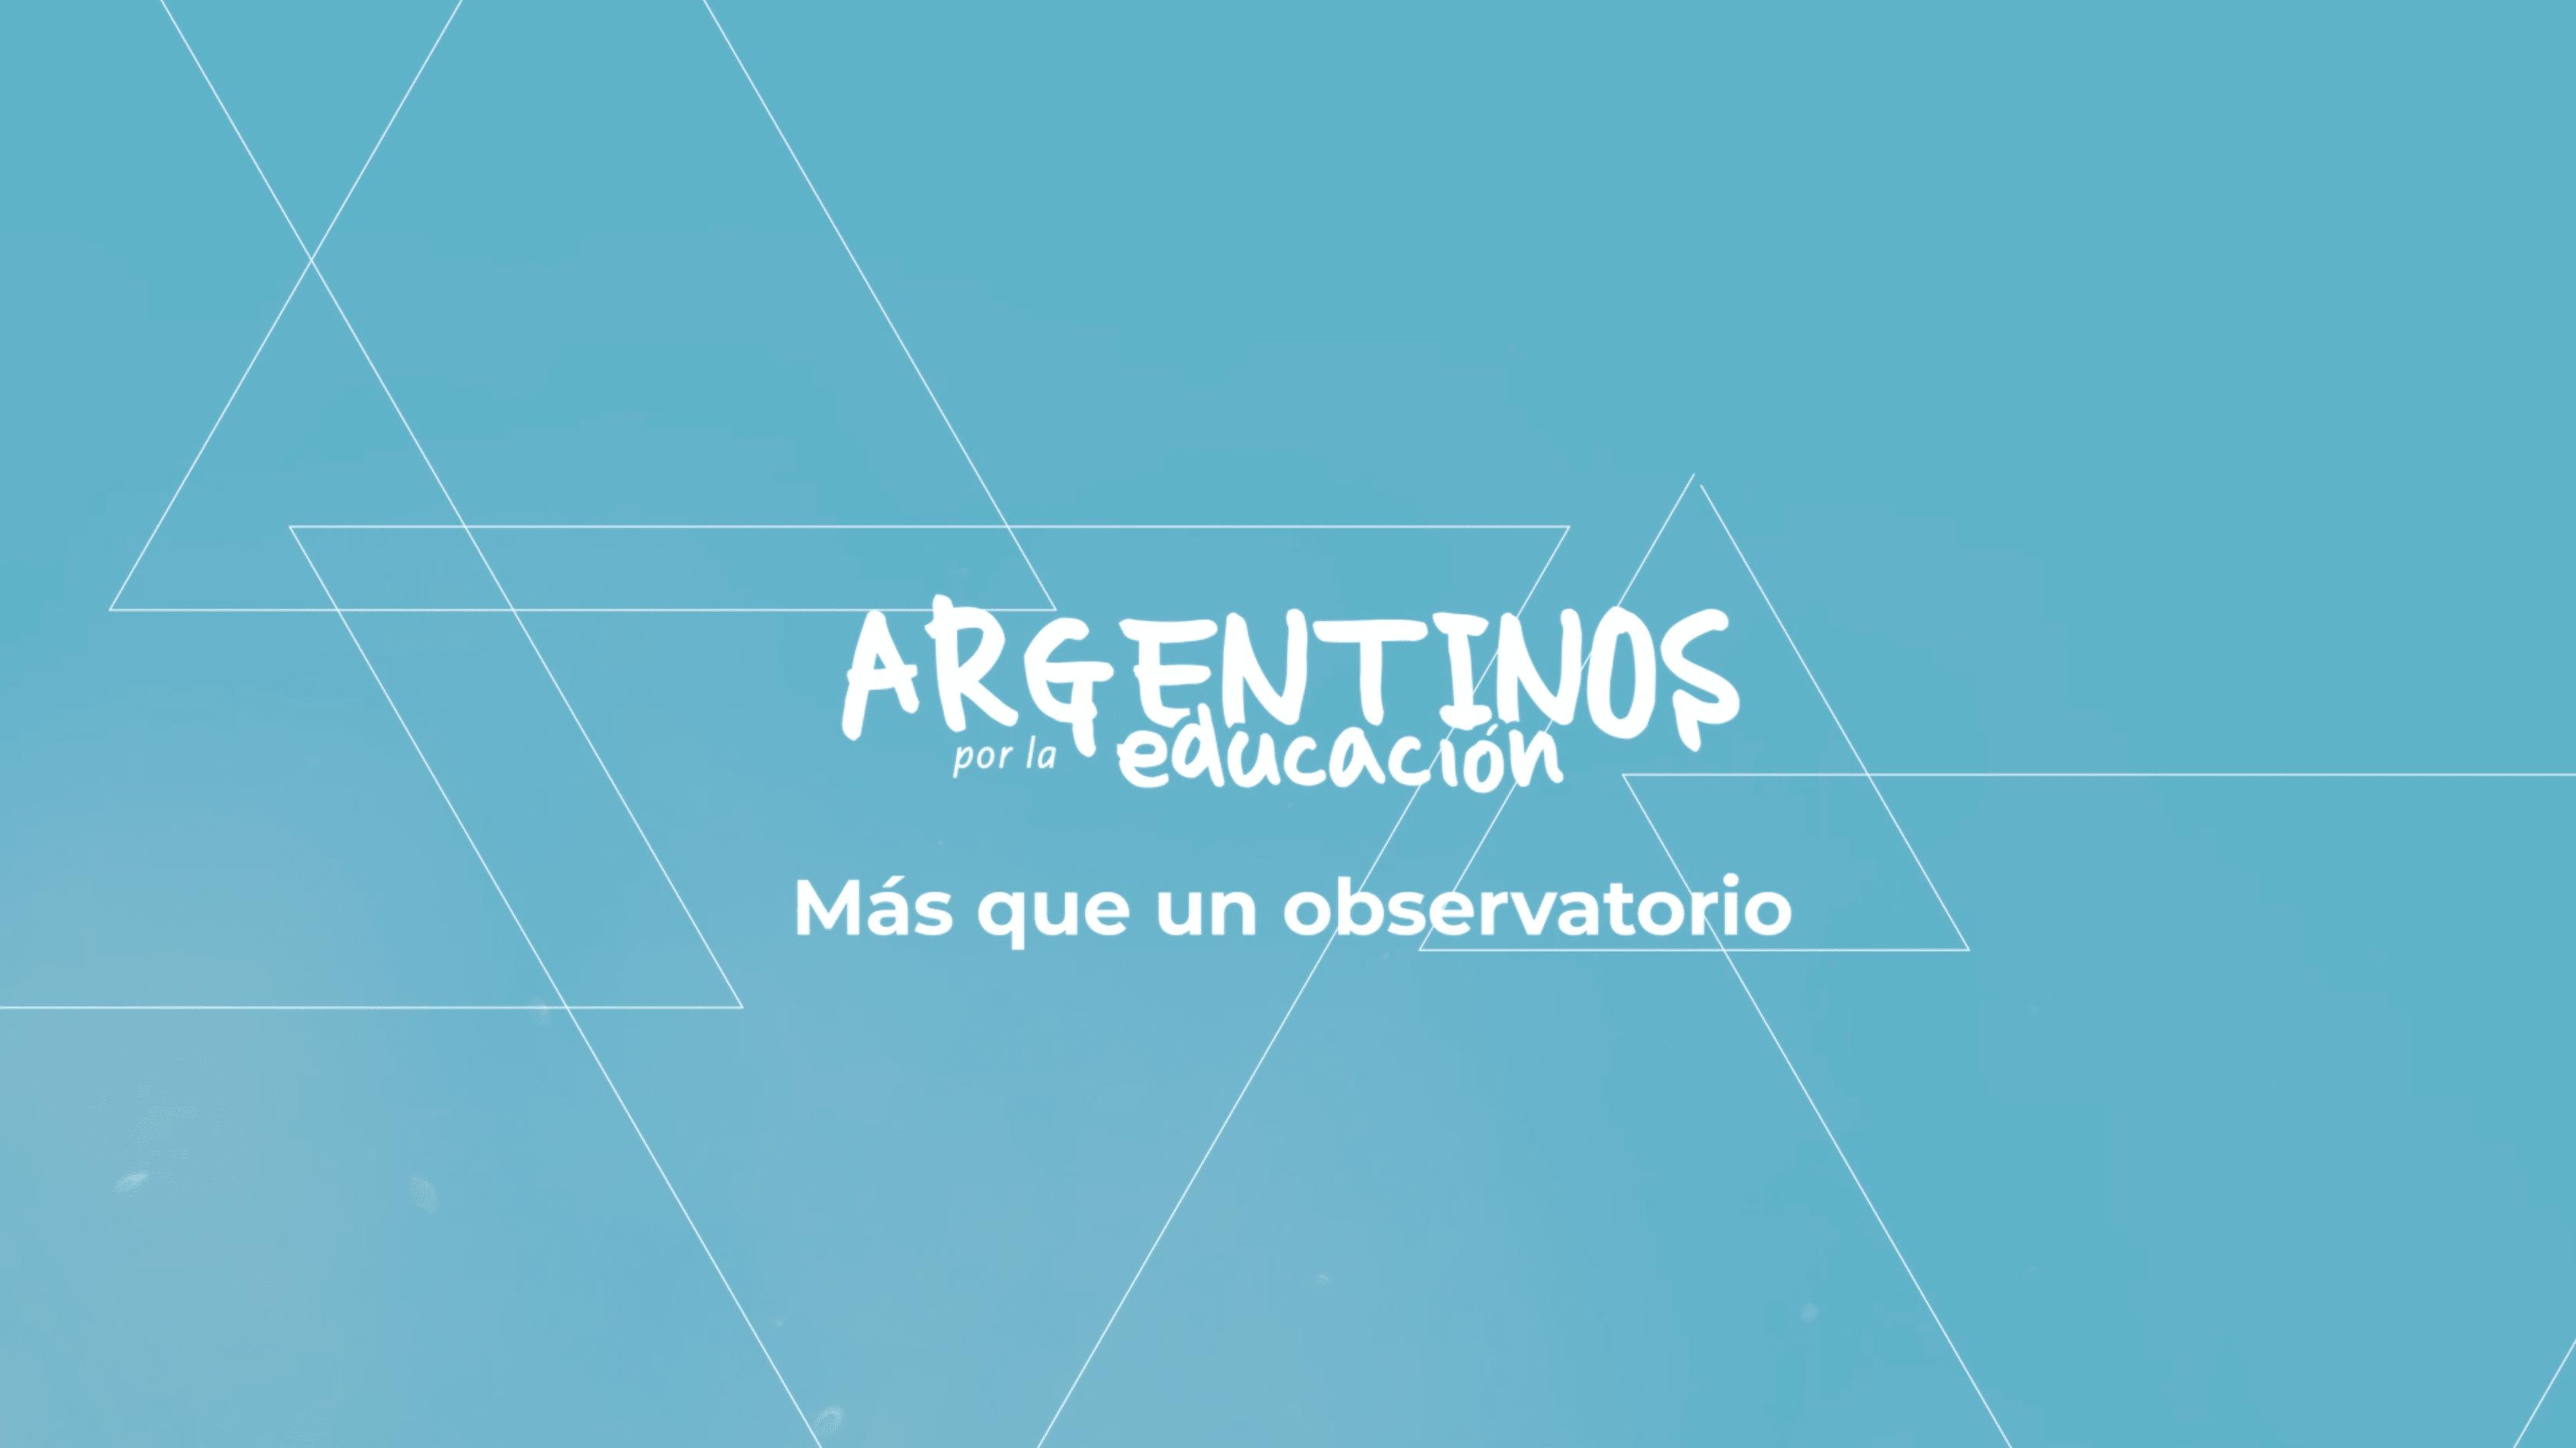 infinidad argentinos por la educacion